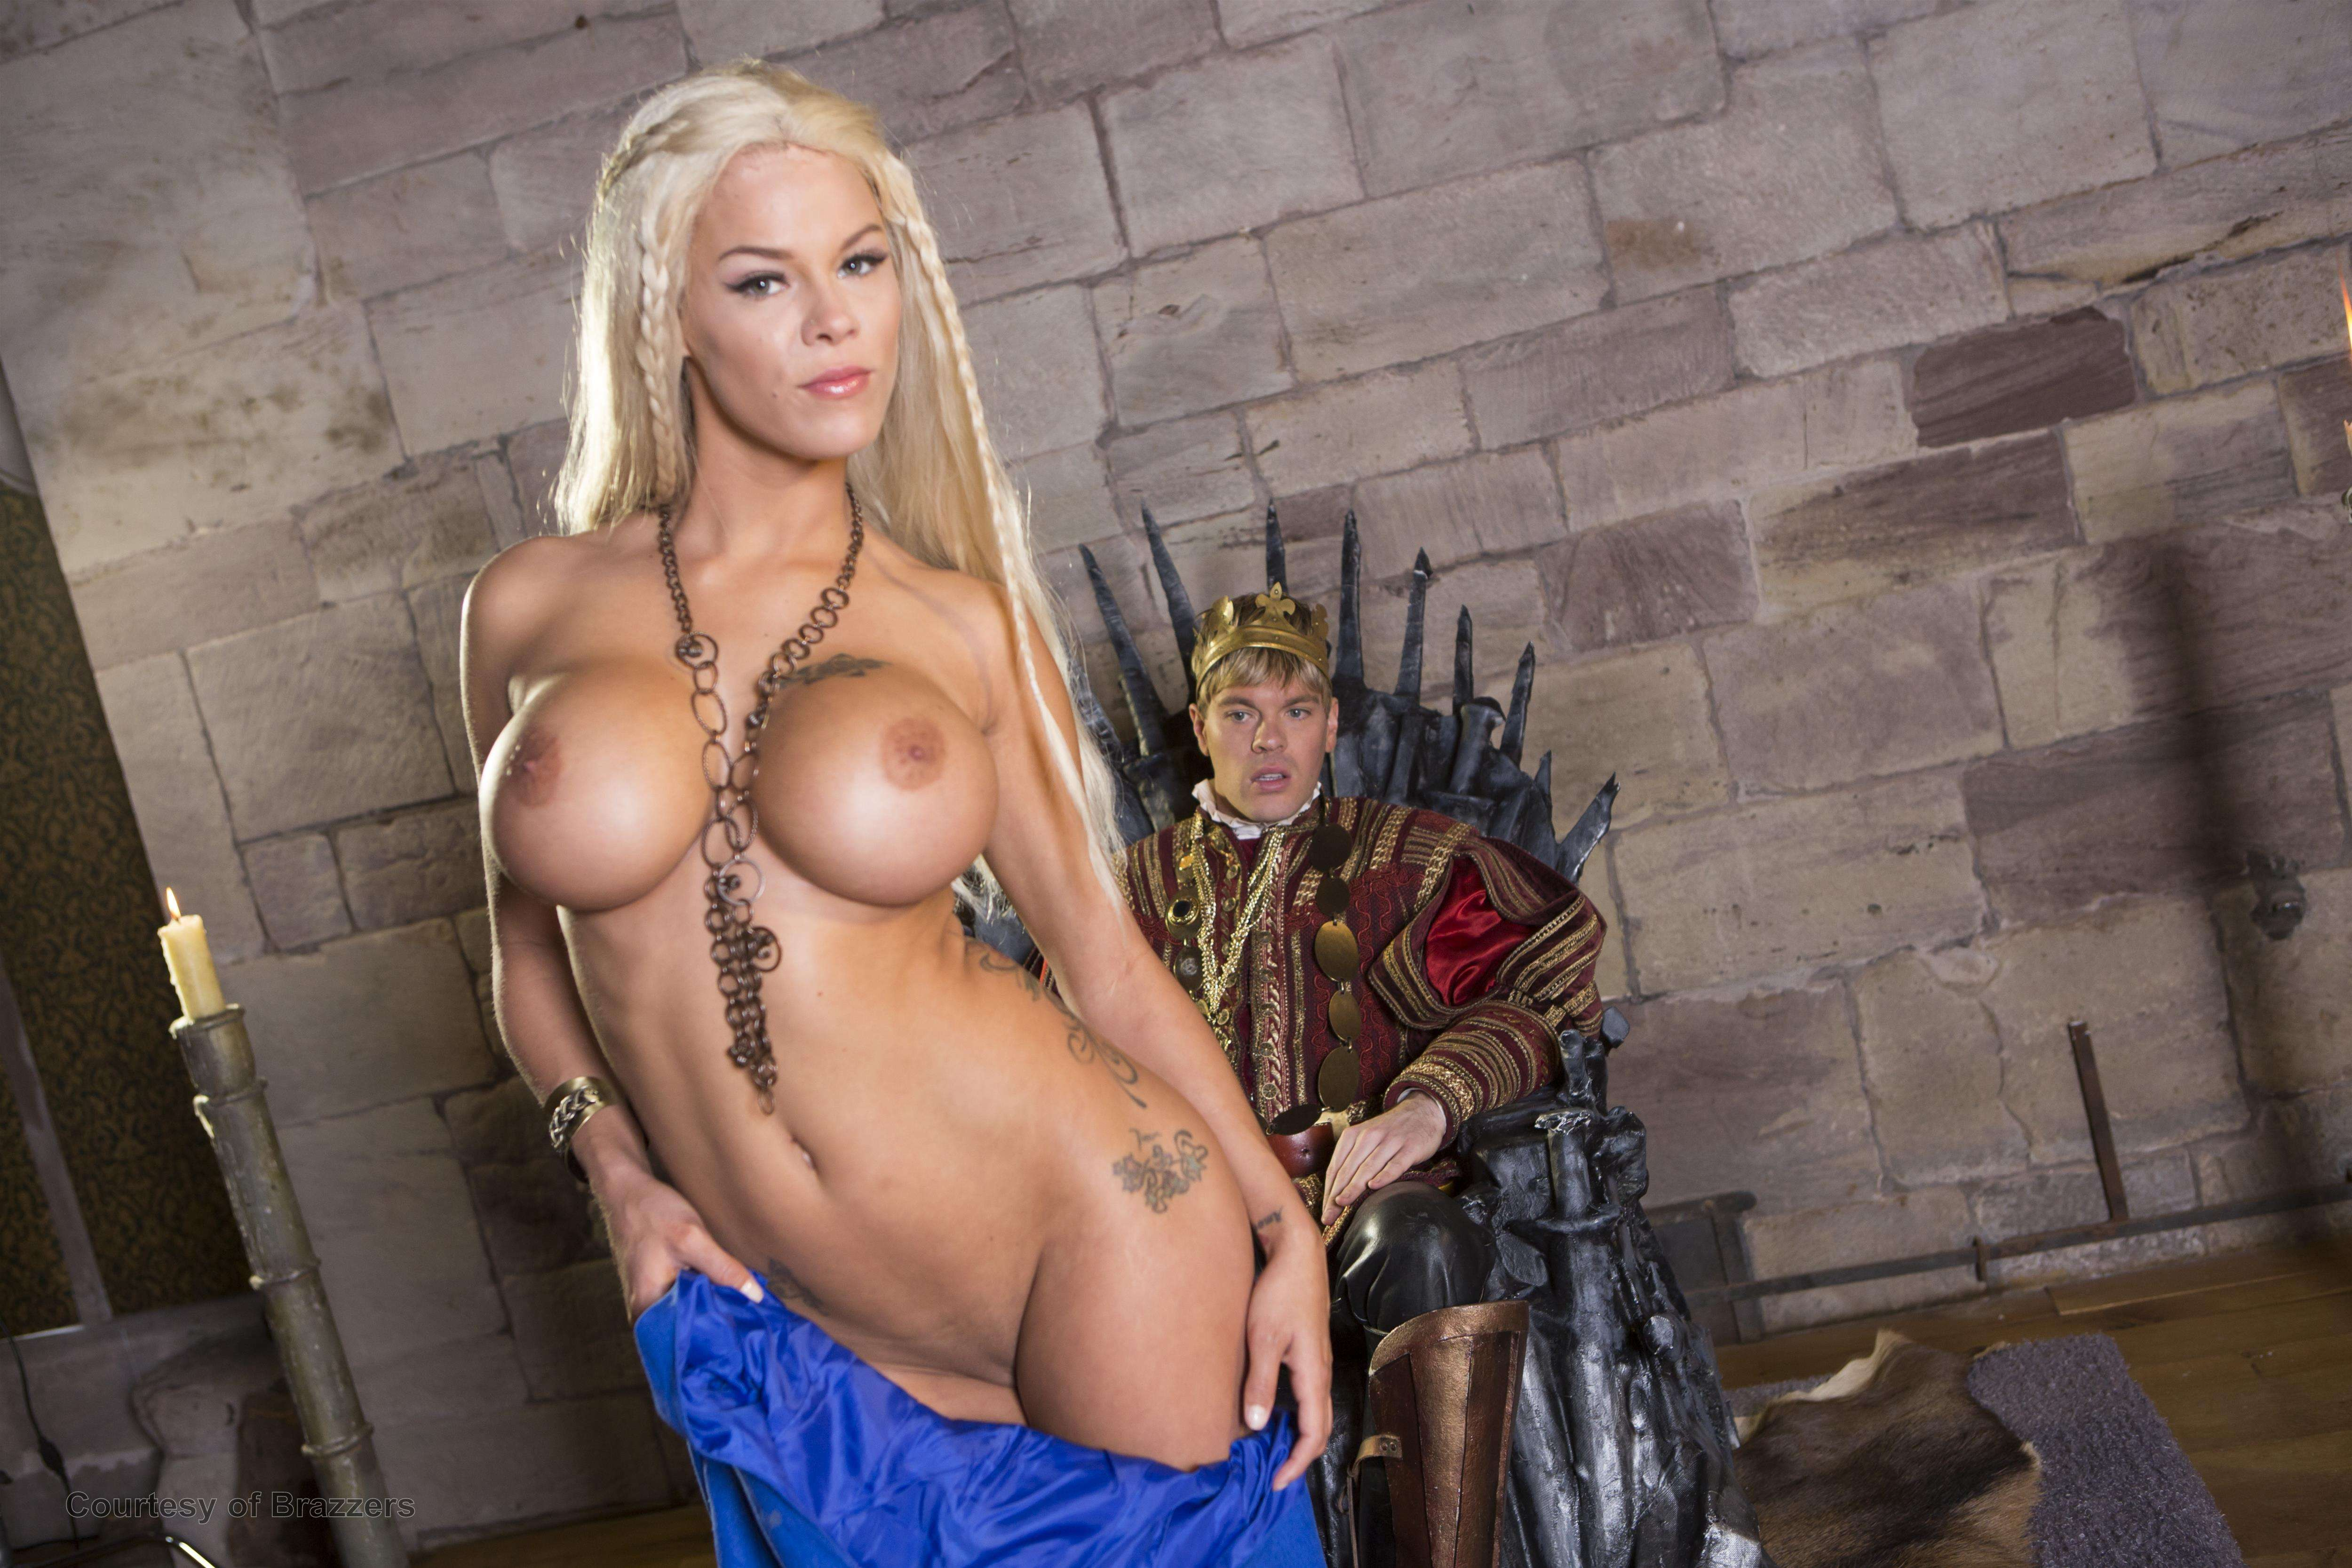 Фото игры король и королева секс жопу бутылку